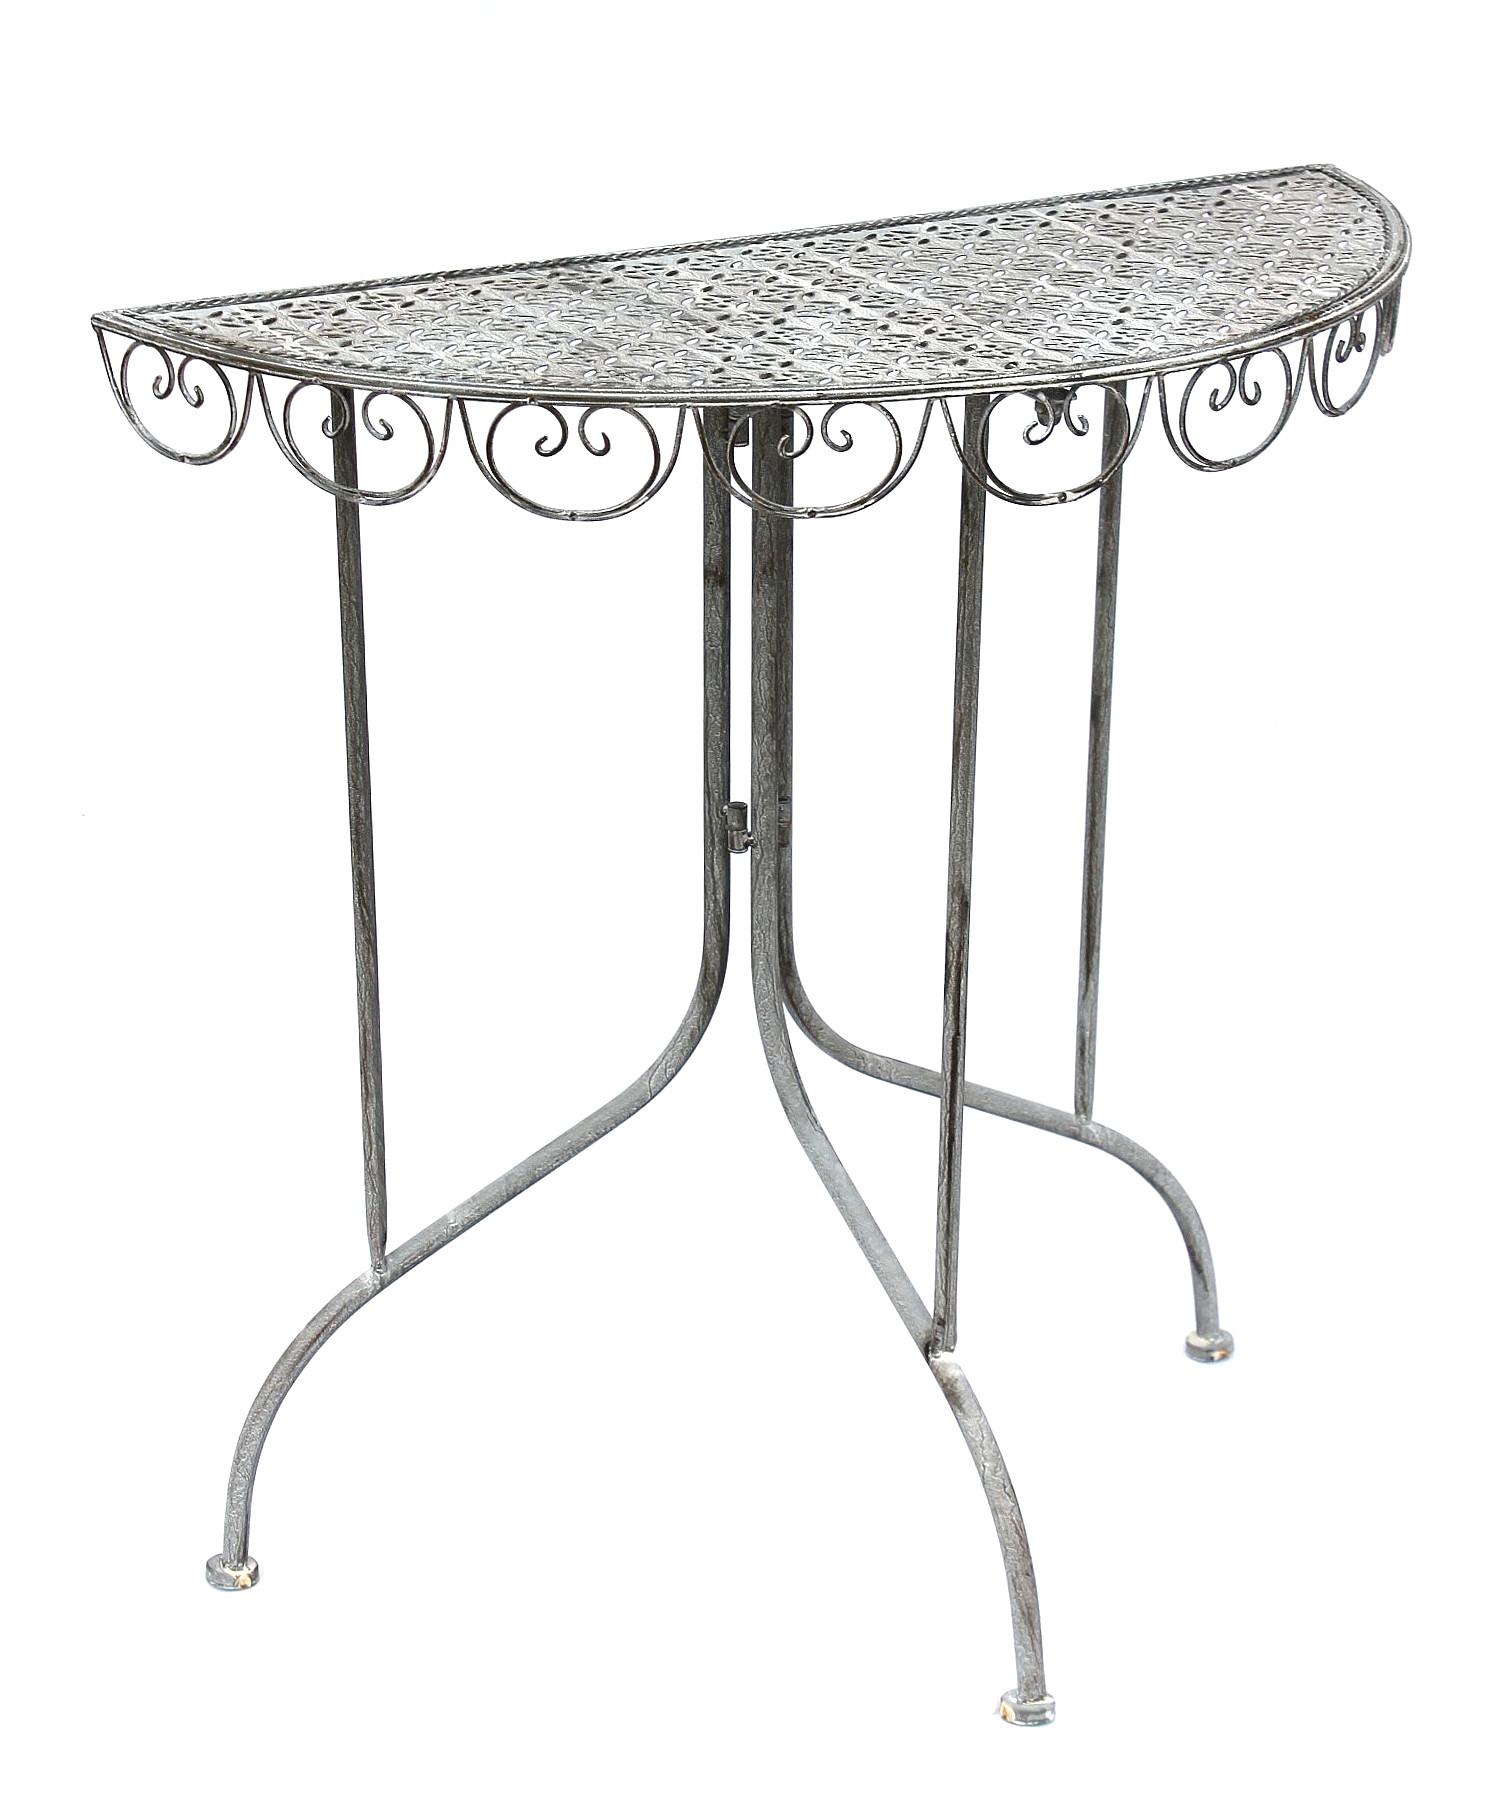 wandtisch triora 20735 konsolentisch beistelltisch aus metall 80 cm gartentisch ebay. Black Bedroom Furniture Sets. Home Design Ideas